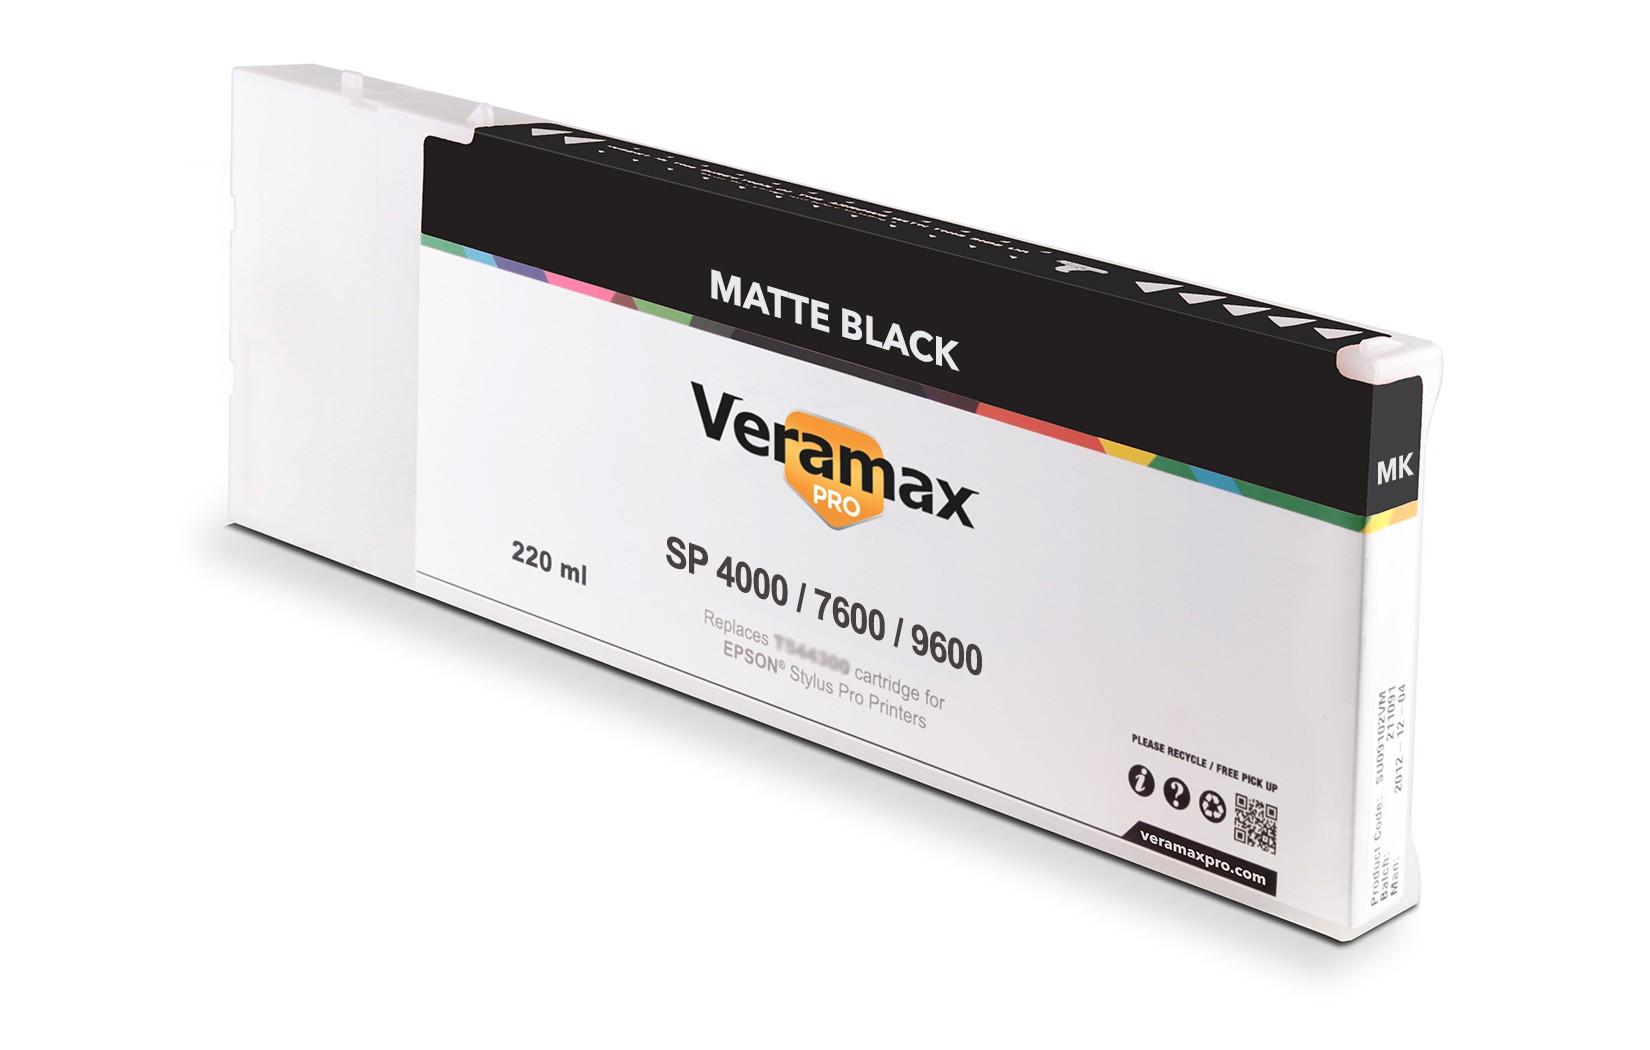 Veramax PRO SP 4000/7600/9600 220ml Matte Black